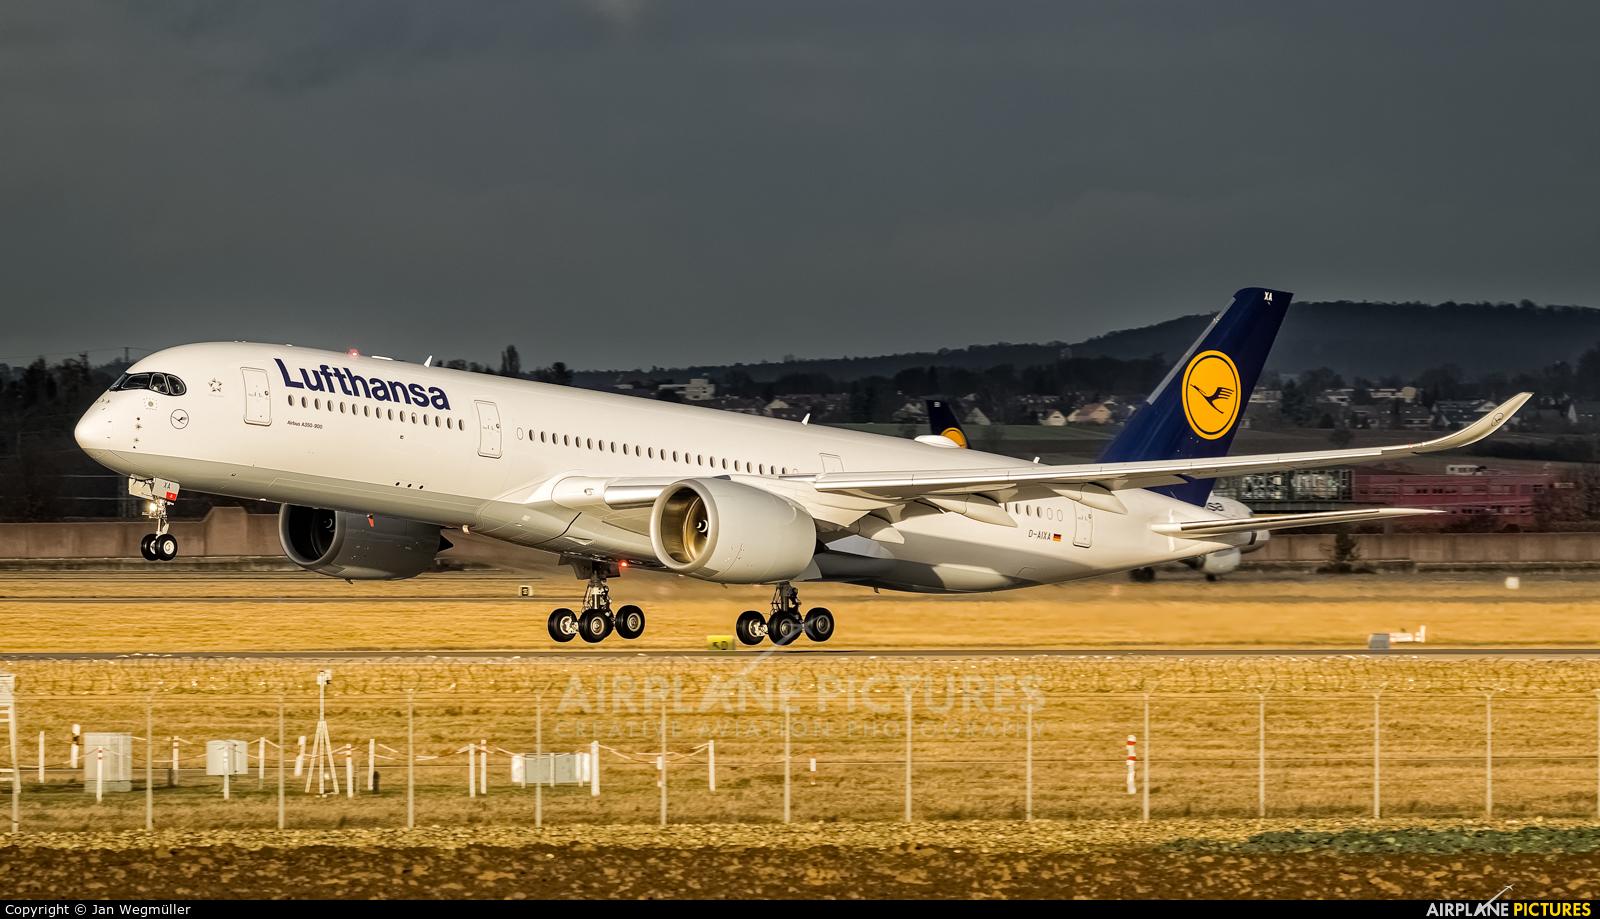 Lufthansa D-AIXA aircraft at Stuttgart